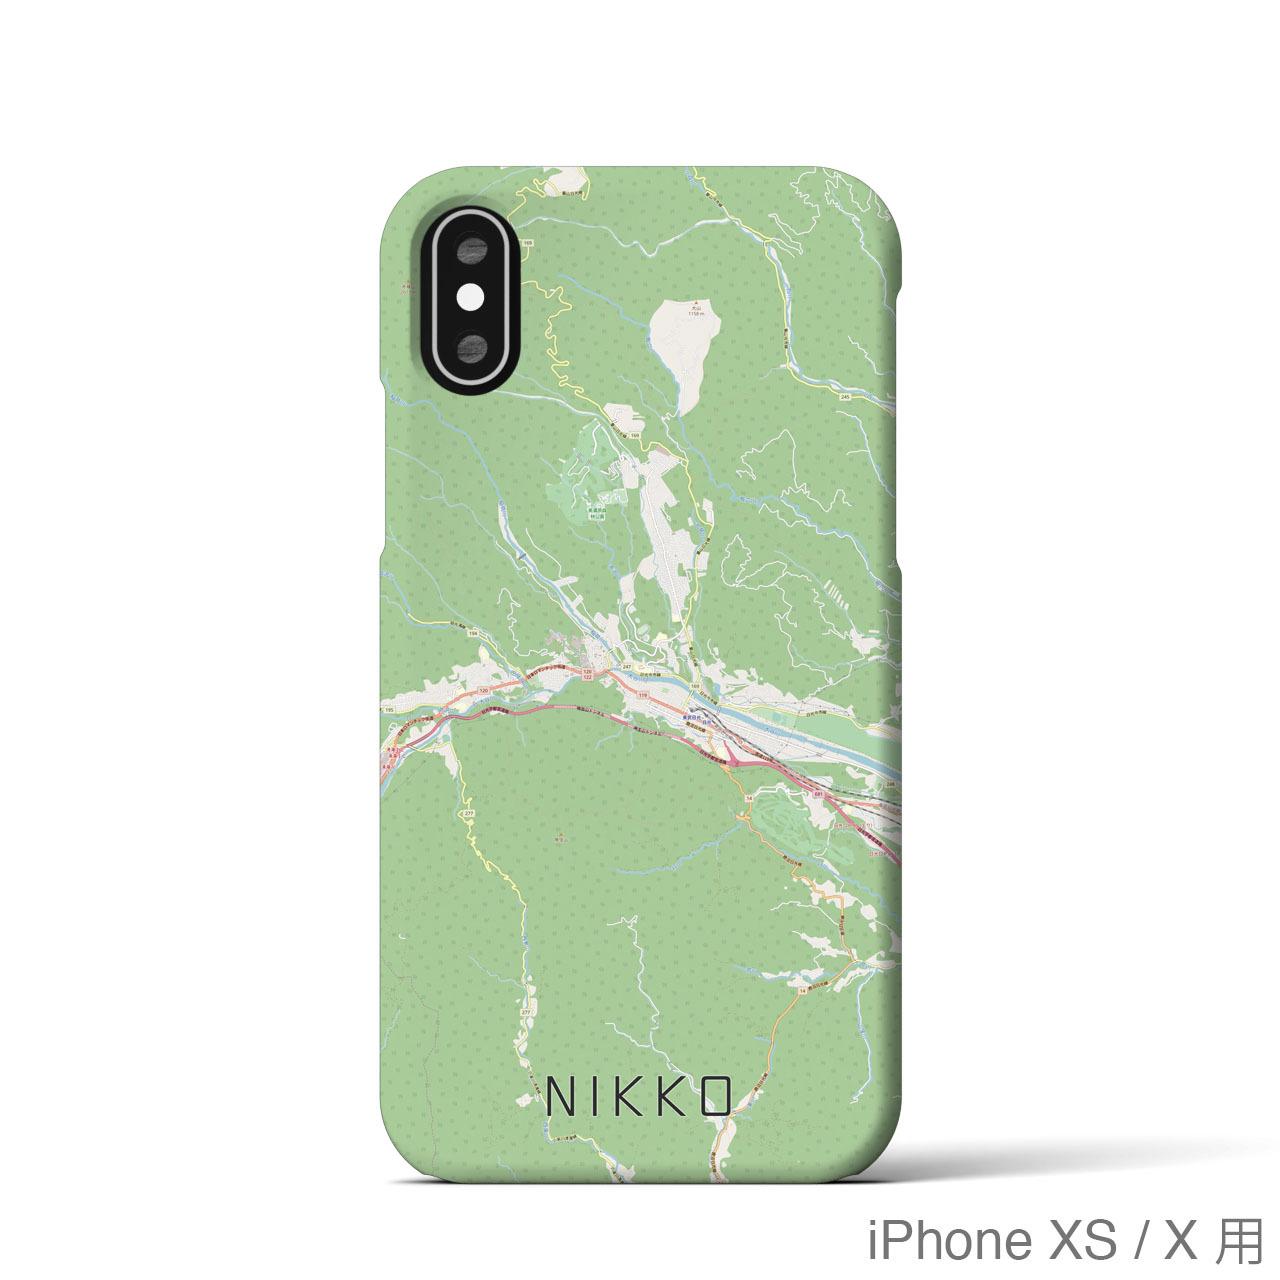 【日光】地図柄iPhoneケース(バックカバータイプ・ナチュラル)